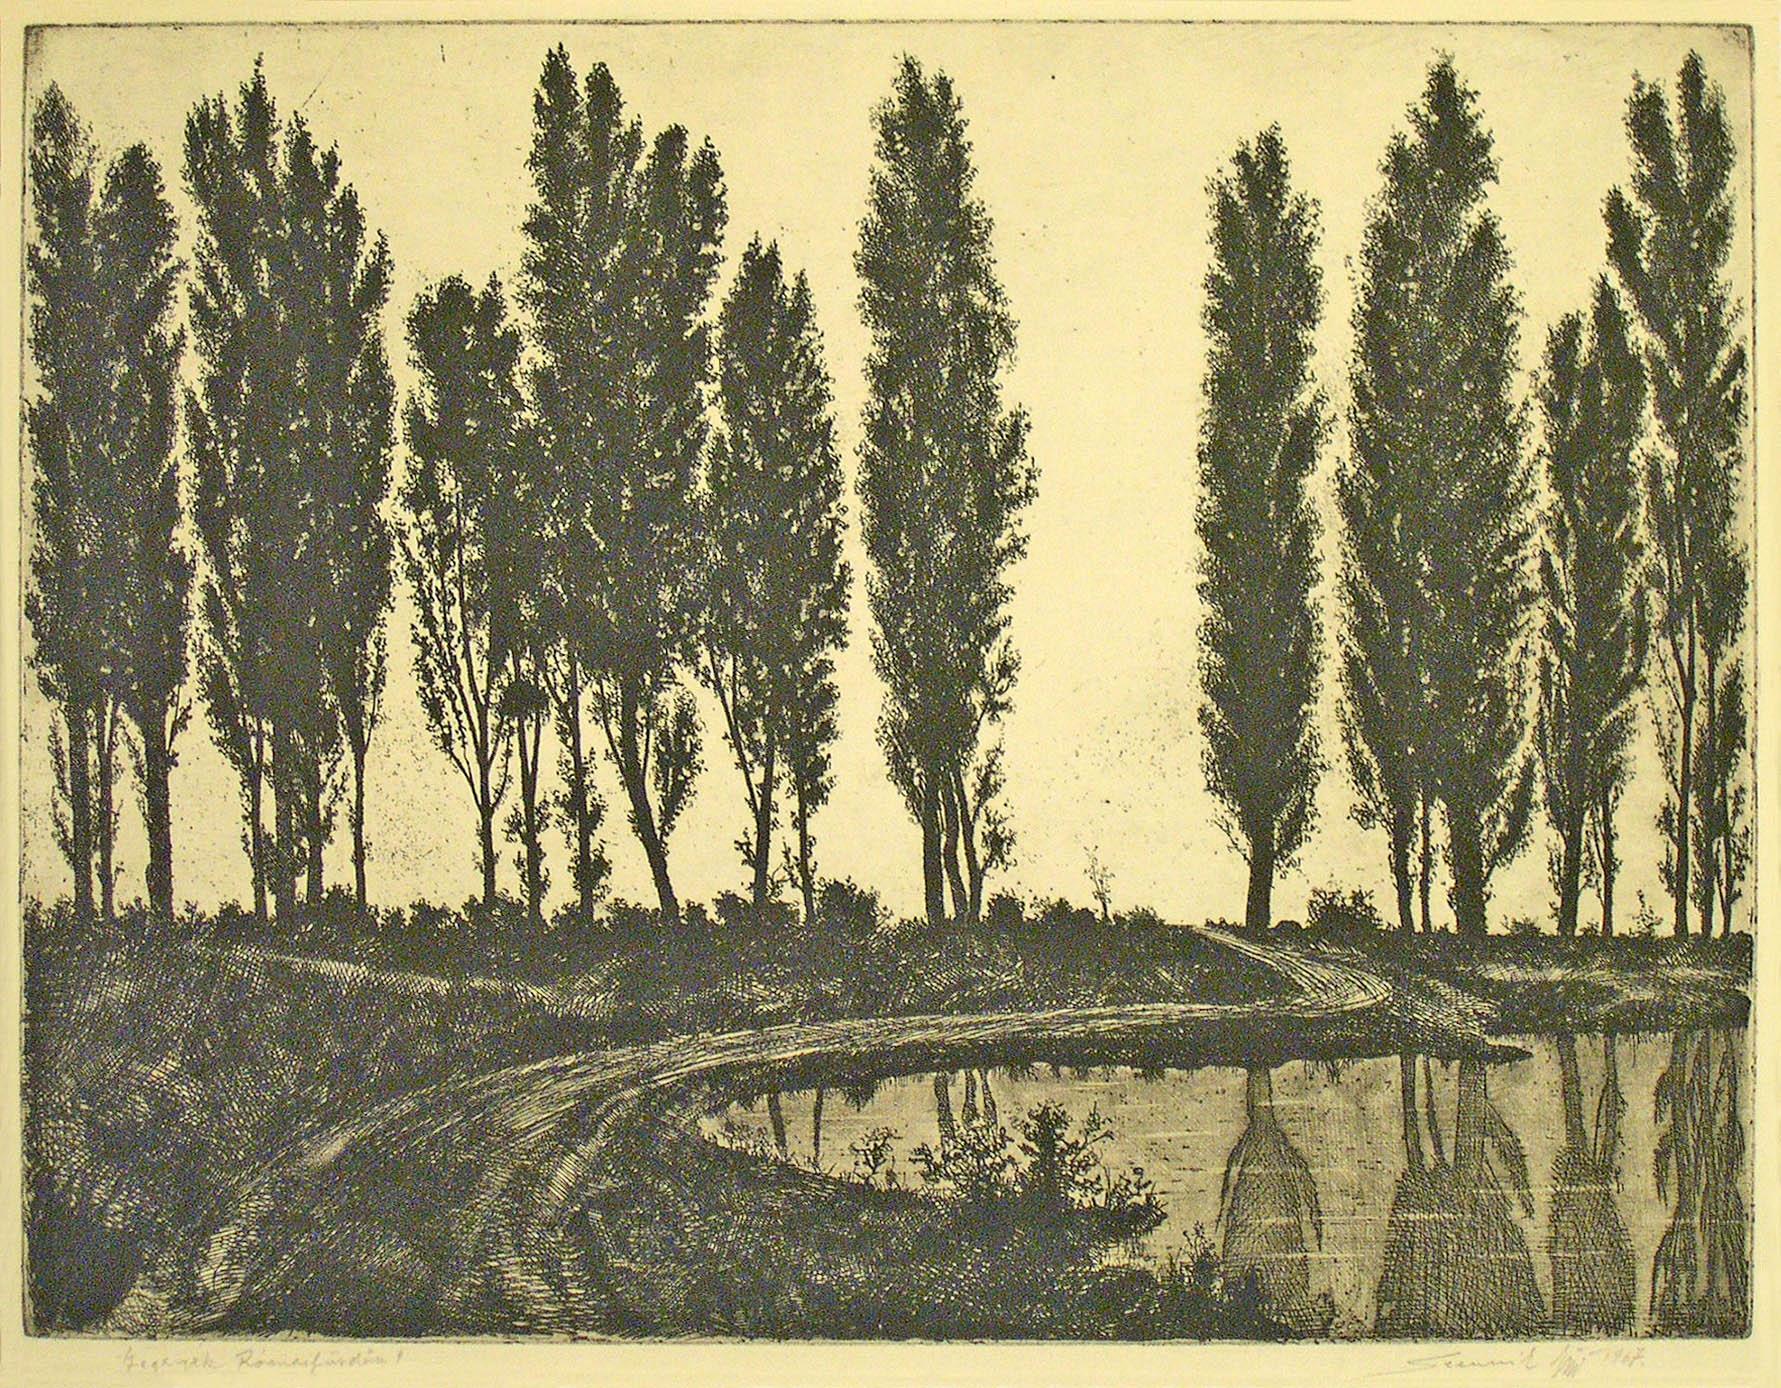 72-156kn.JPG (1781×1388)